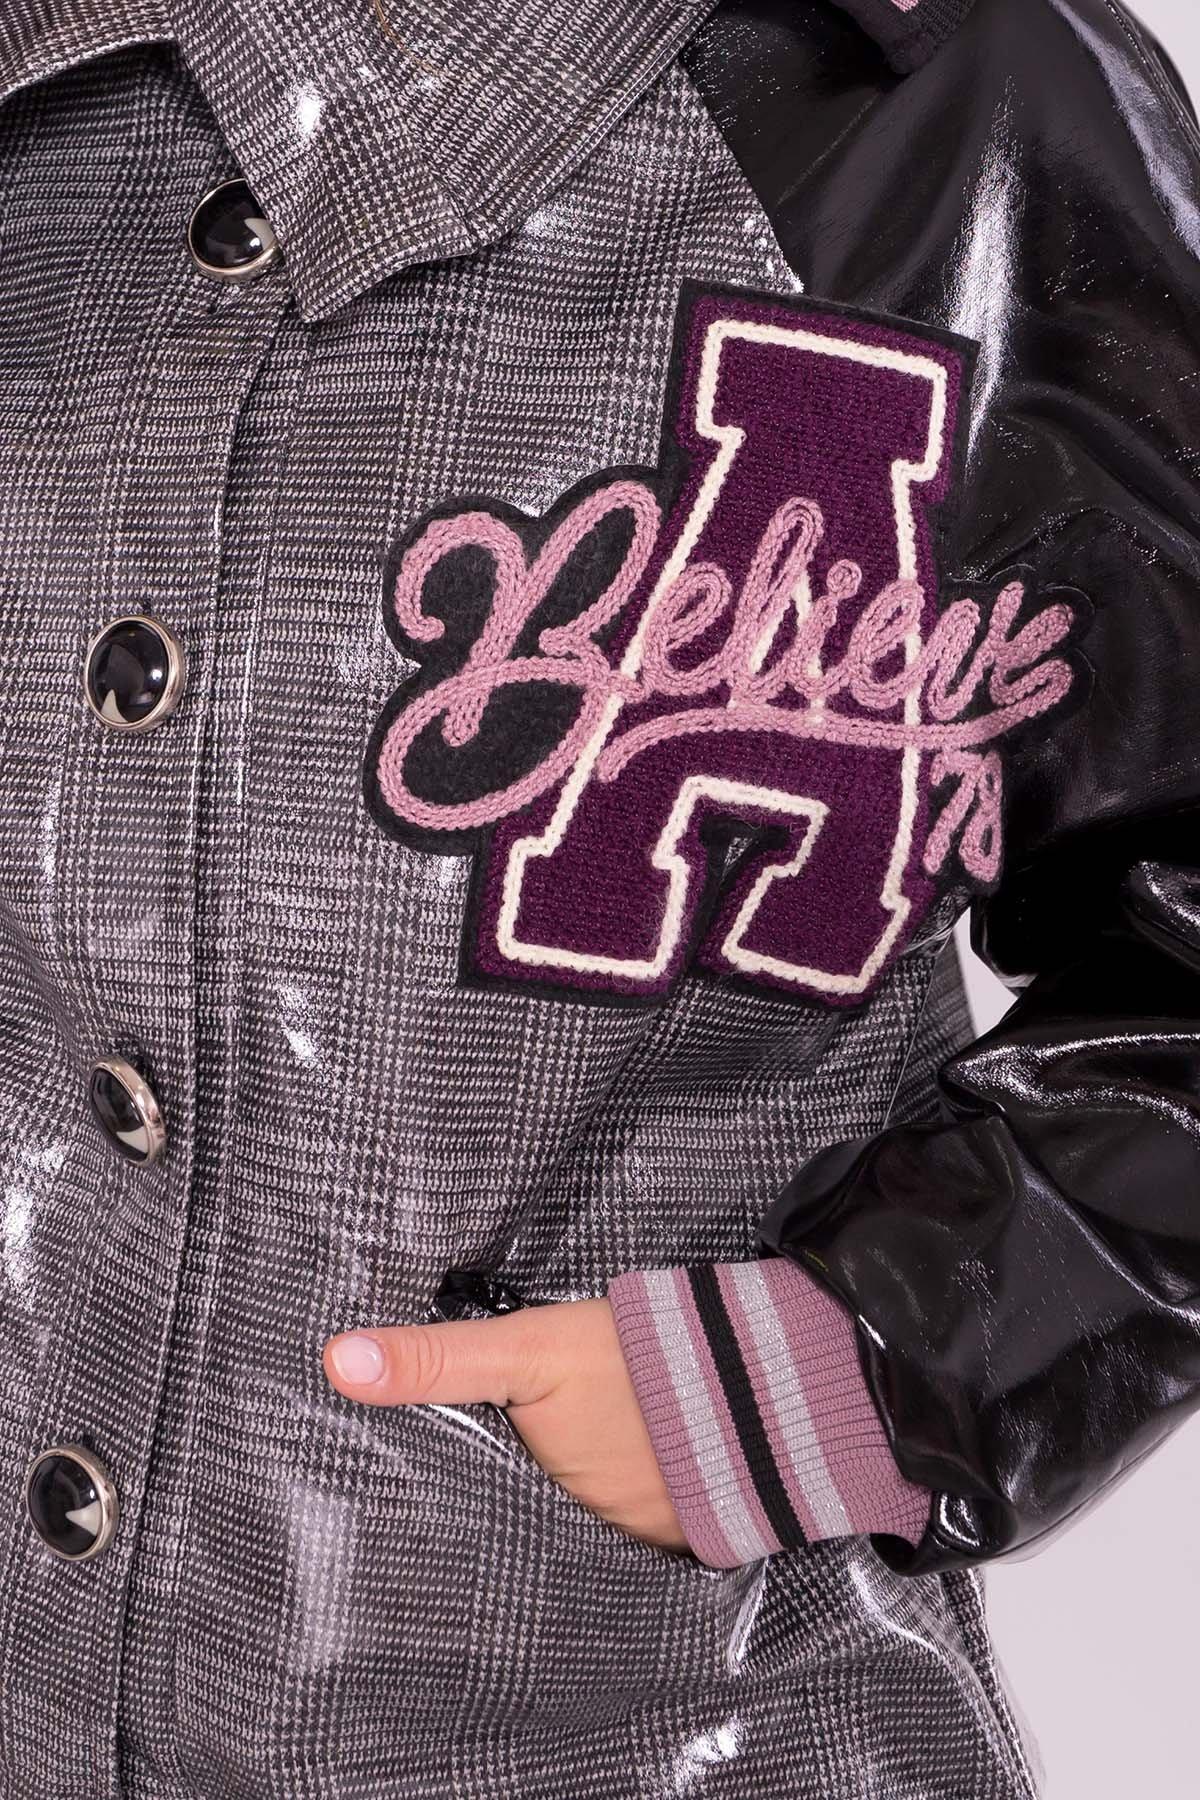 Куртка с двойным отложным воротником 6852 АРТ. 42513 Цвет: Черный/сирень - фото 5, интернет магазин tm-modus.ru